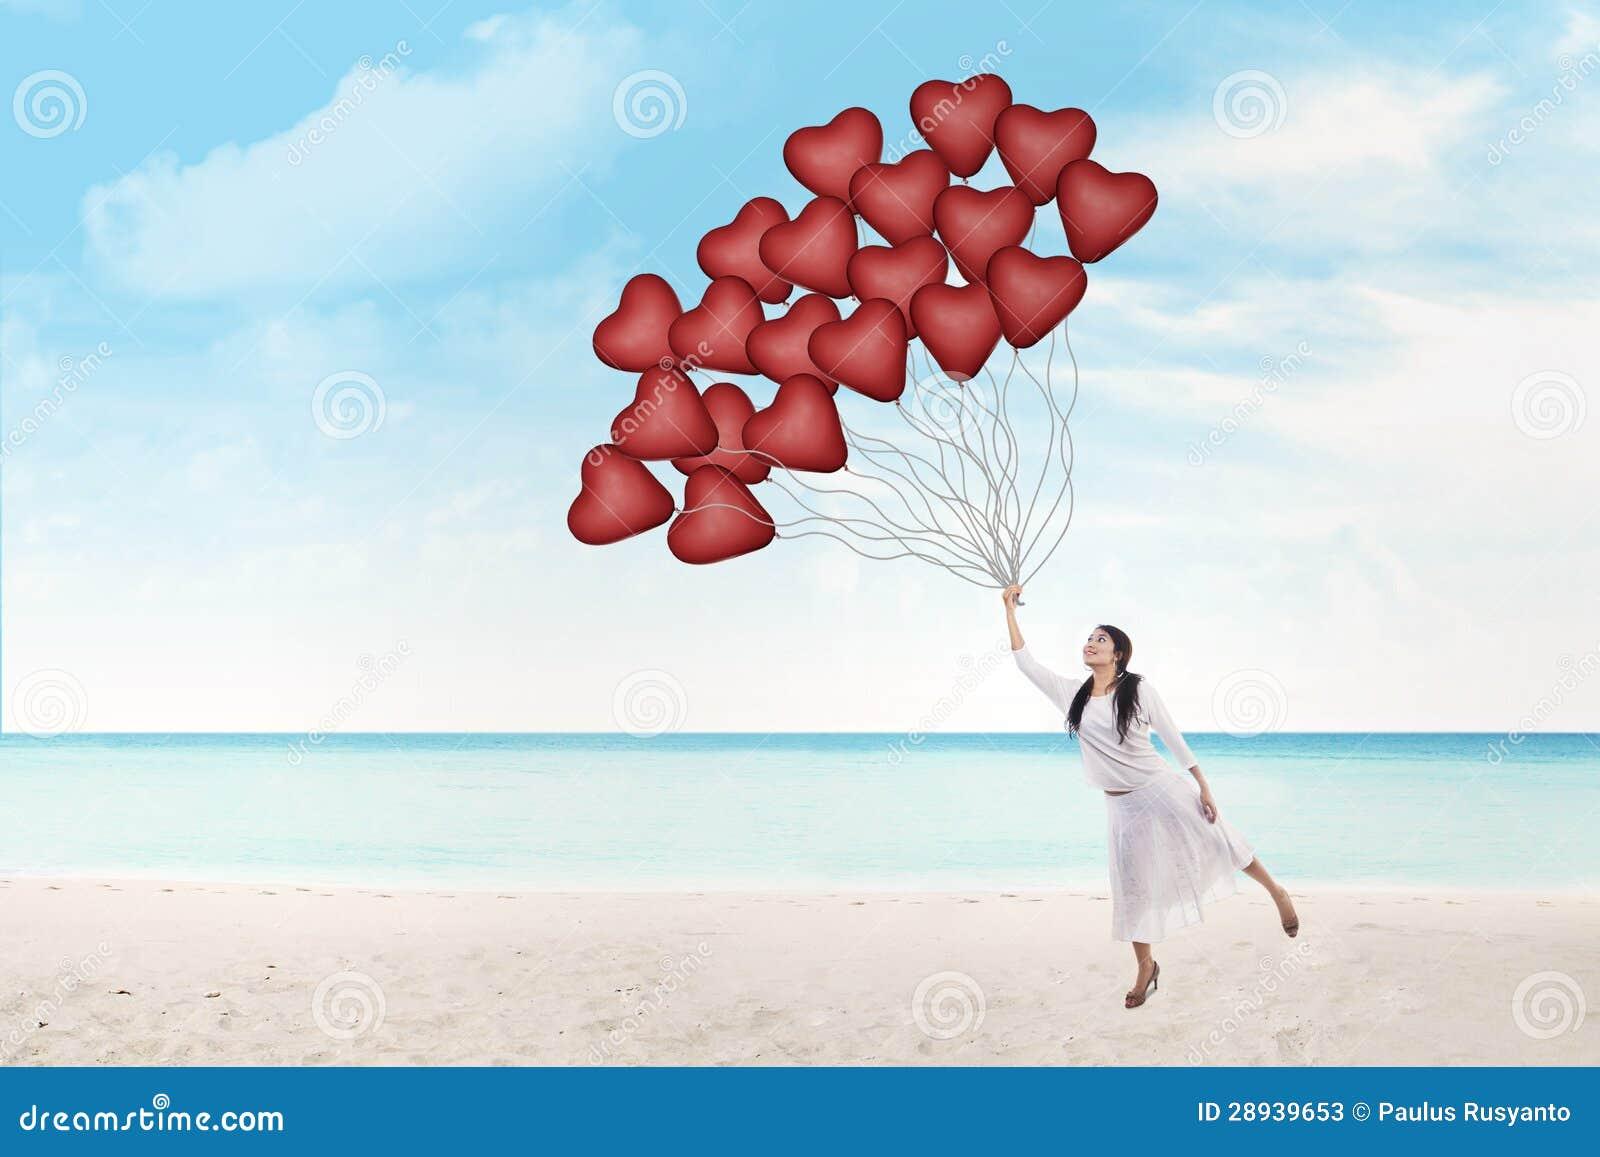 Красивейшая женщина держит воздушные шары сердца